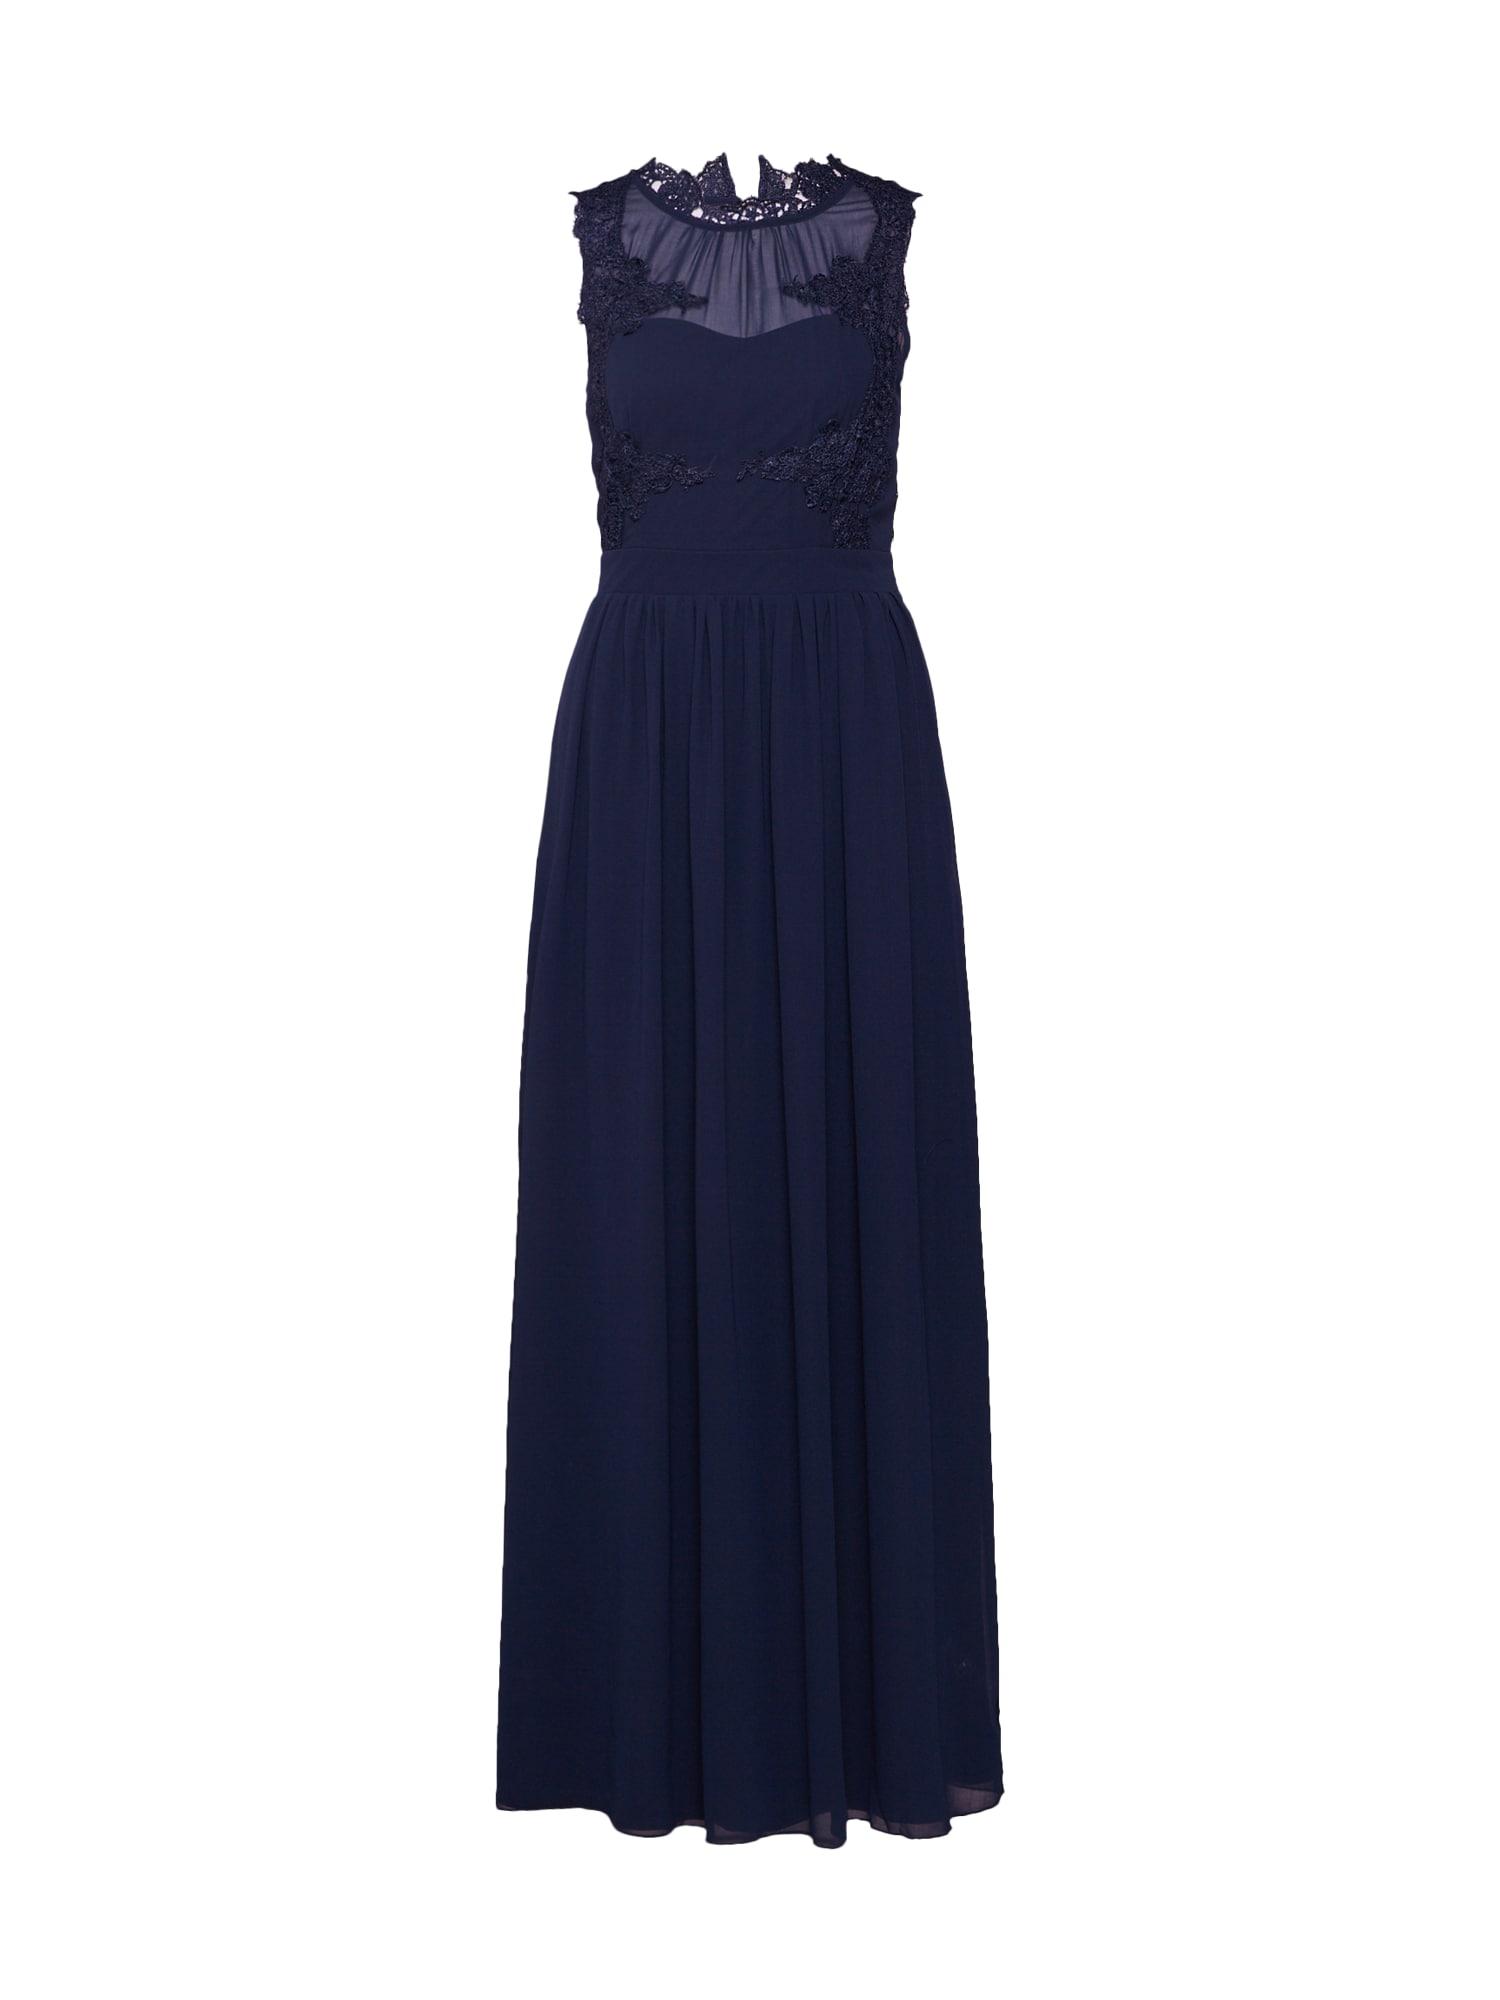 Společenské šaty Georgious námořnická modř VILA